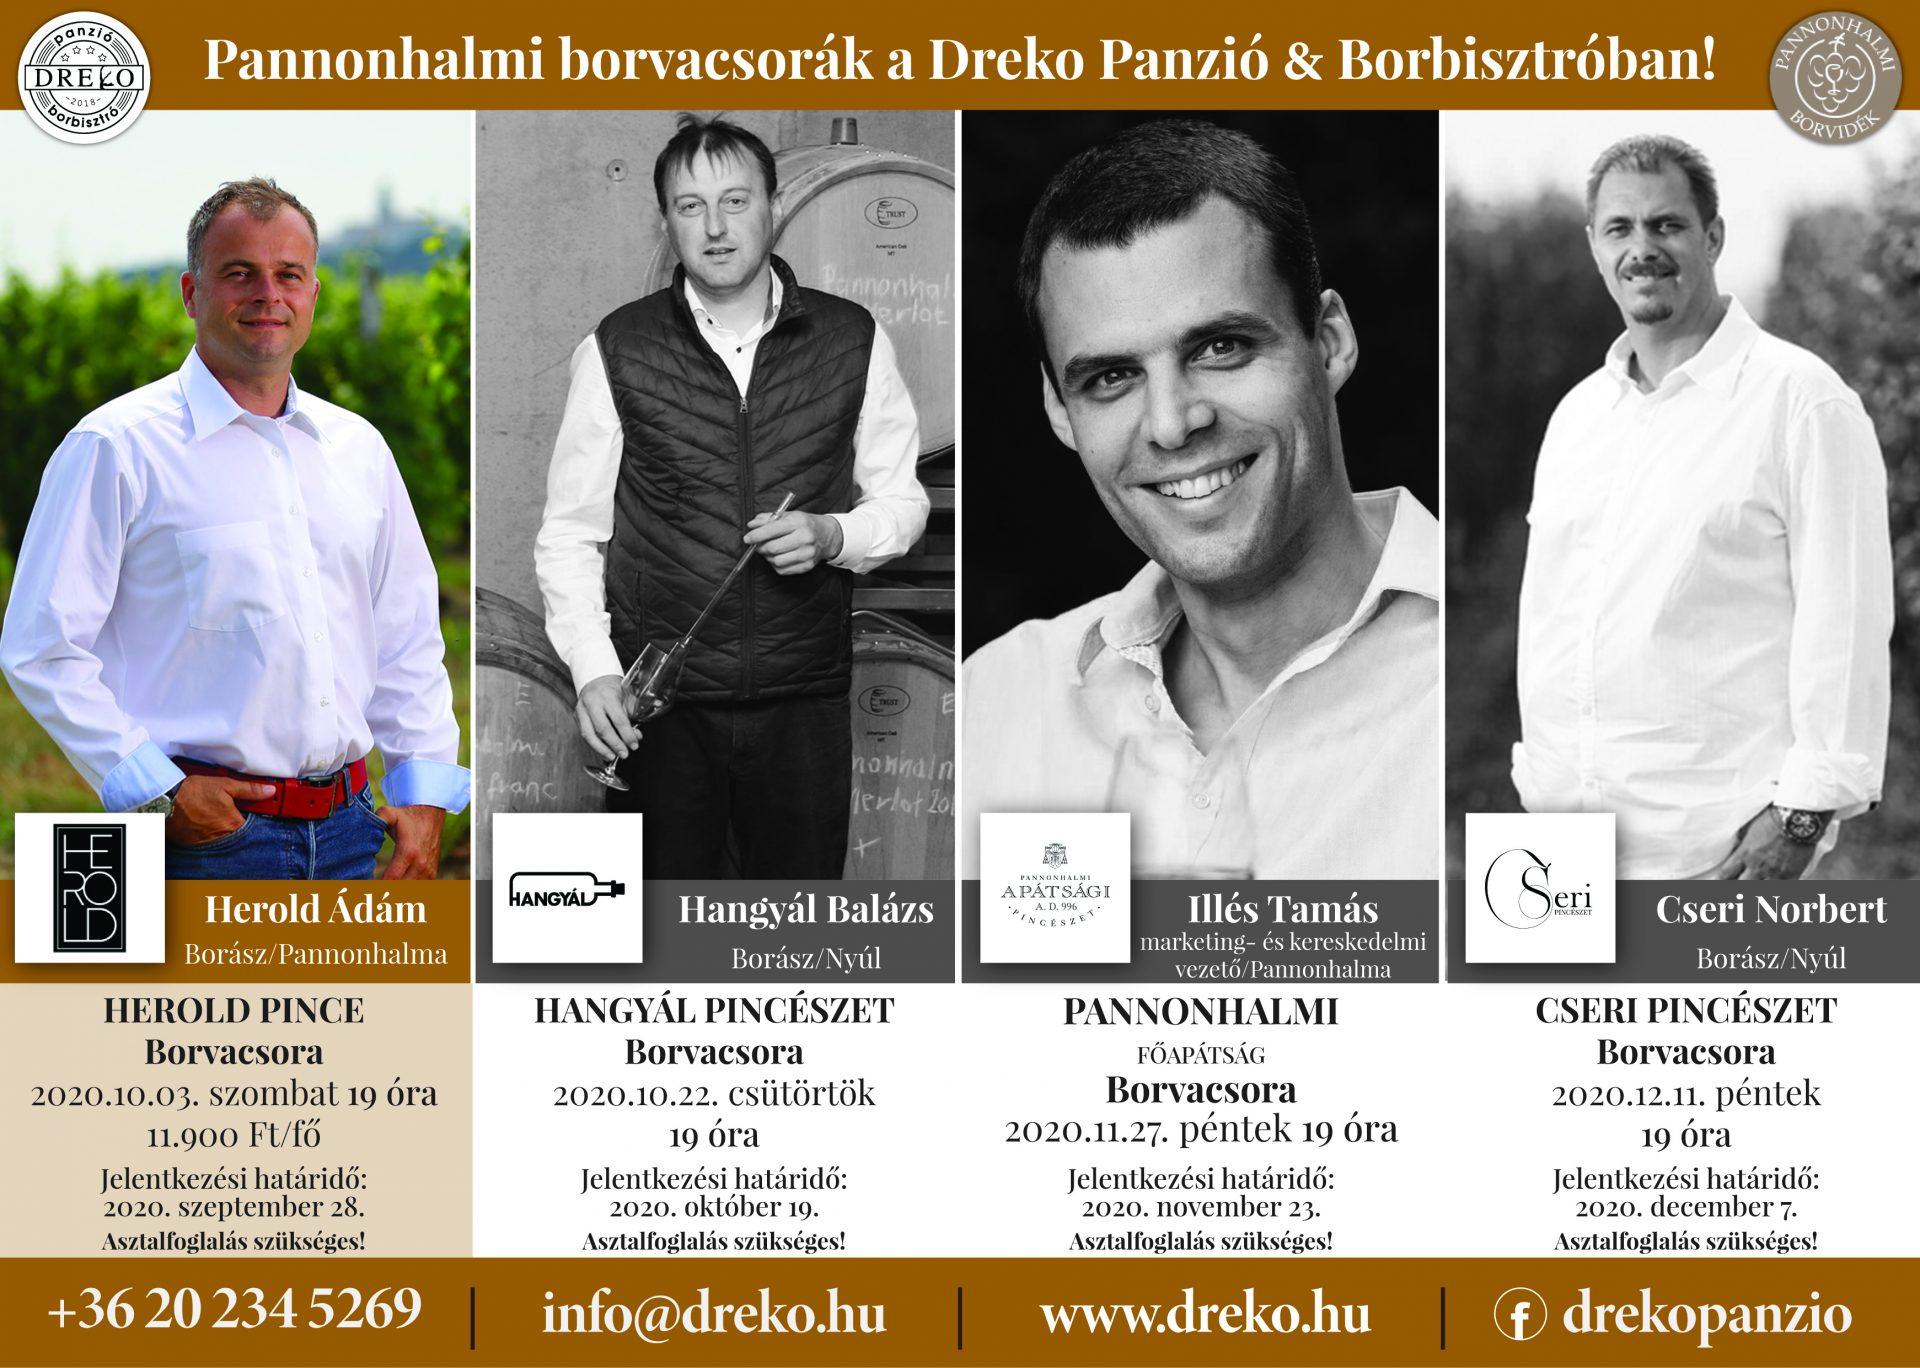 Herold Pince Borvacsora